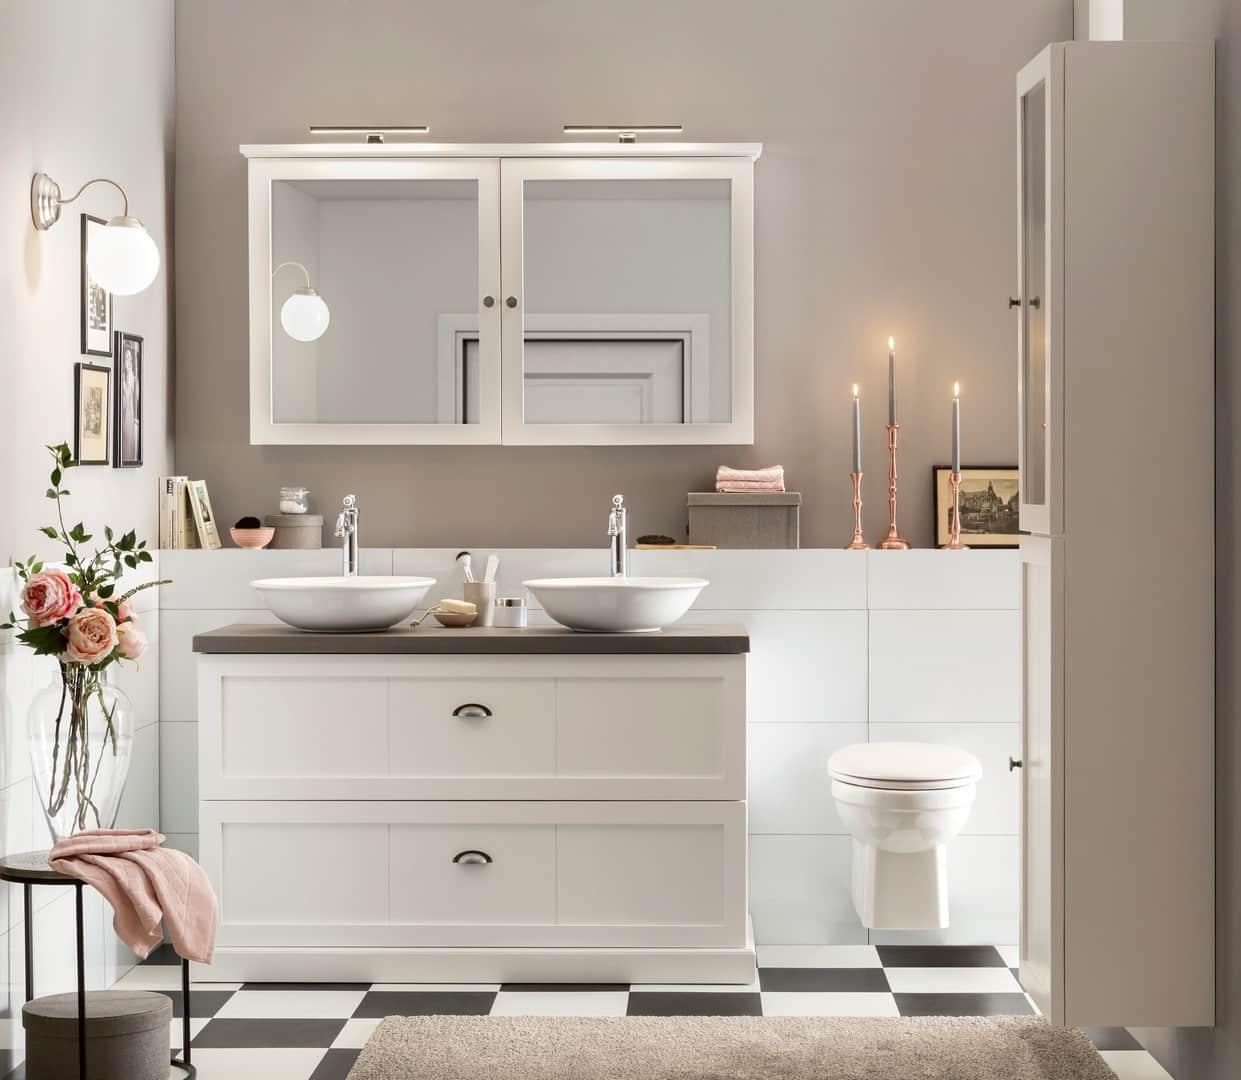 mooi staand badkamermeubel in wit met betonnen blad en bijpassende spiegel